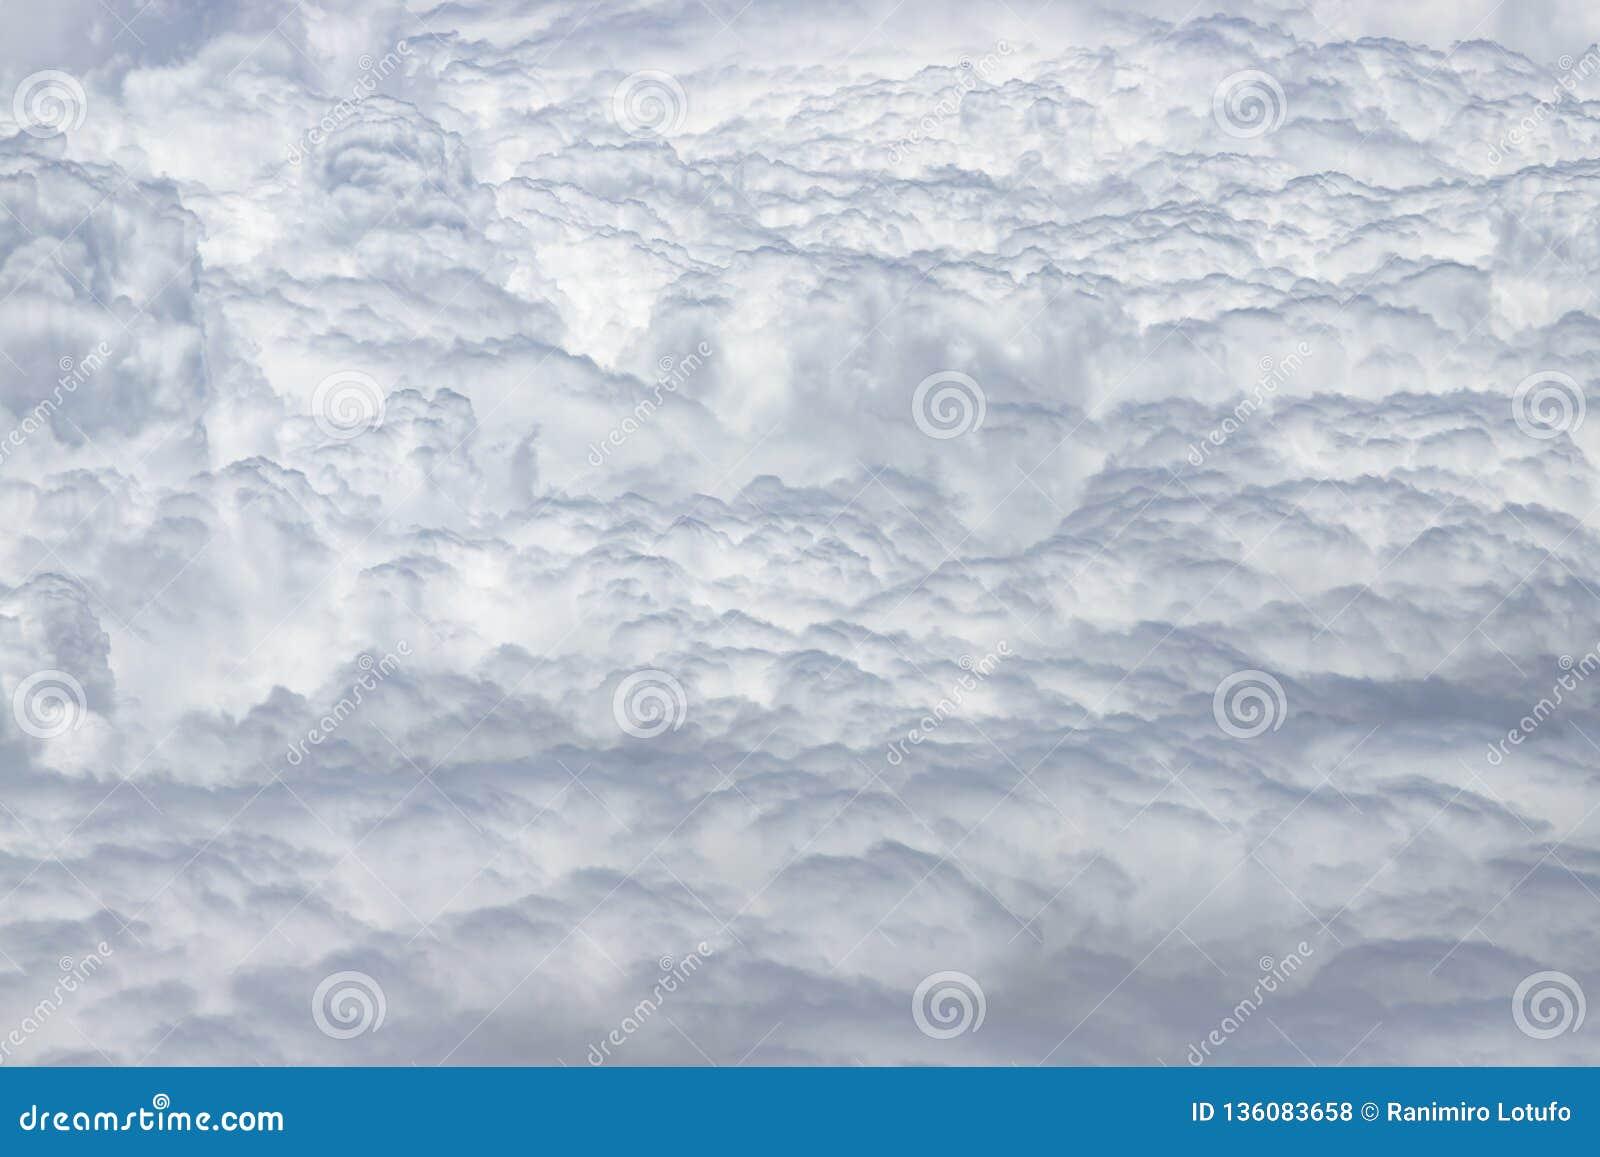 飞行在白色云彩上密集的层数  伟大和美丽的云彩